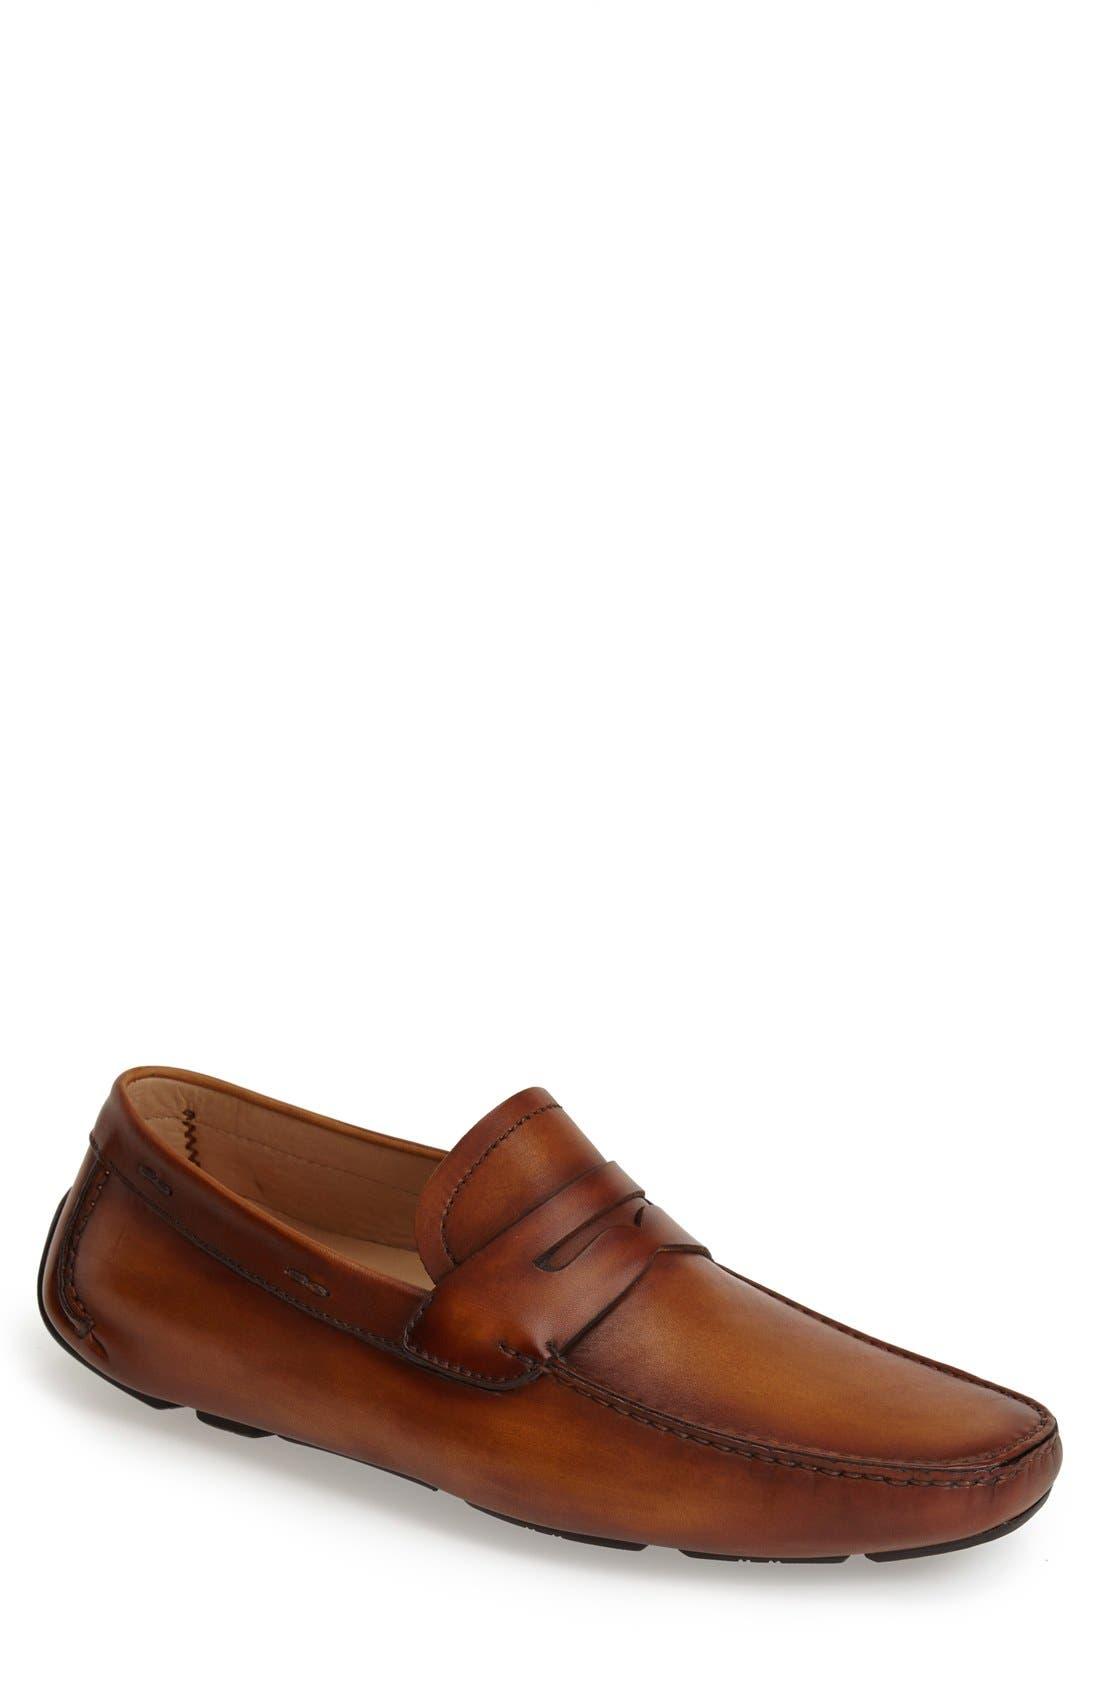 20182017 Shoes Magnanni Mens Dylan Loafer For Sale Online